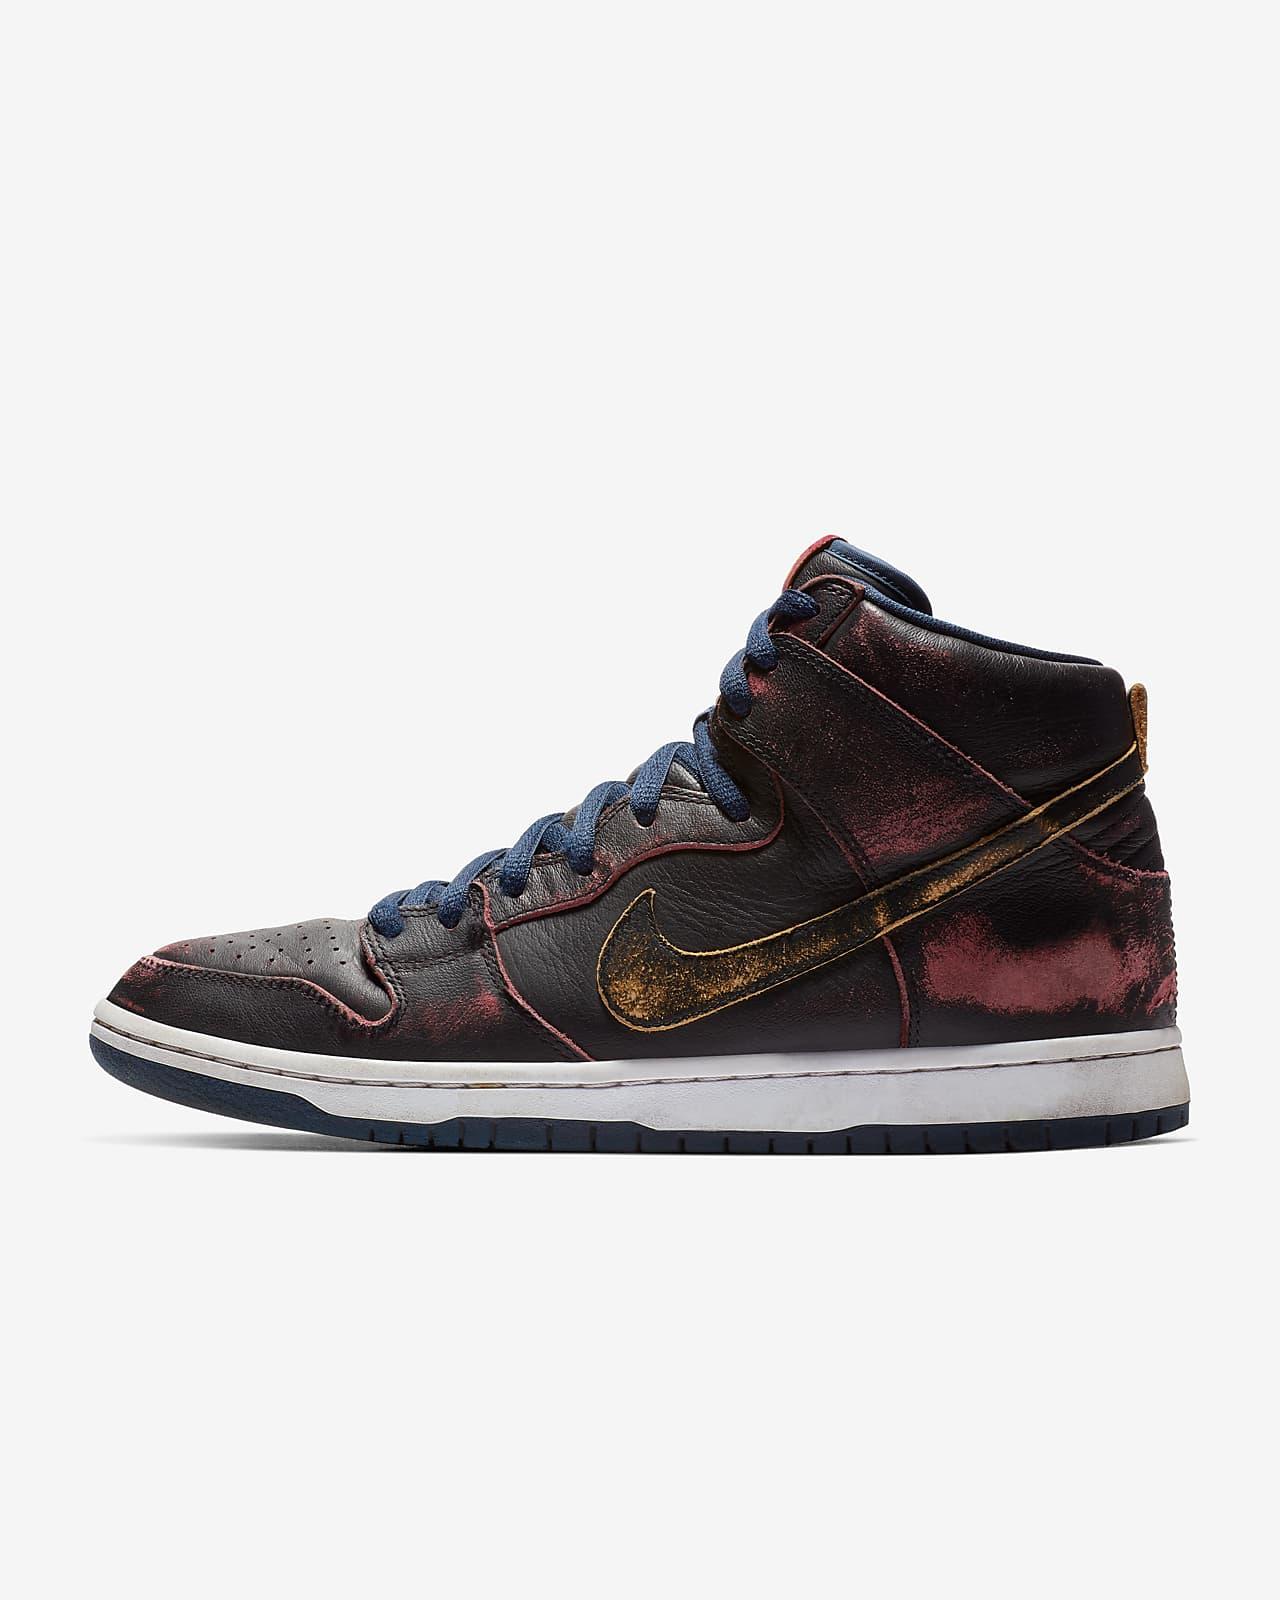 Nike SB Dunk High Pro NBA Men's Skate Shoe